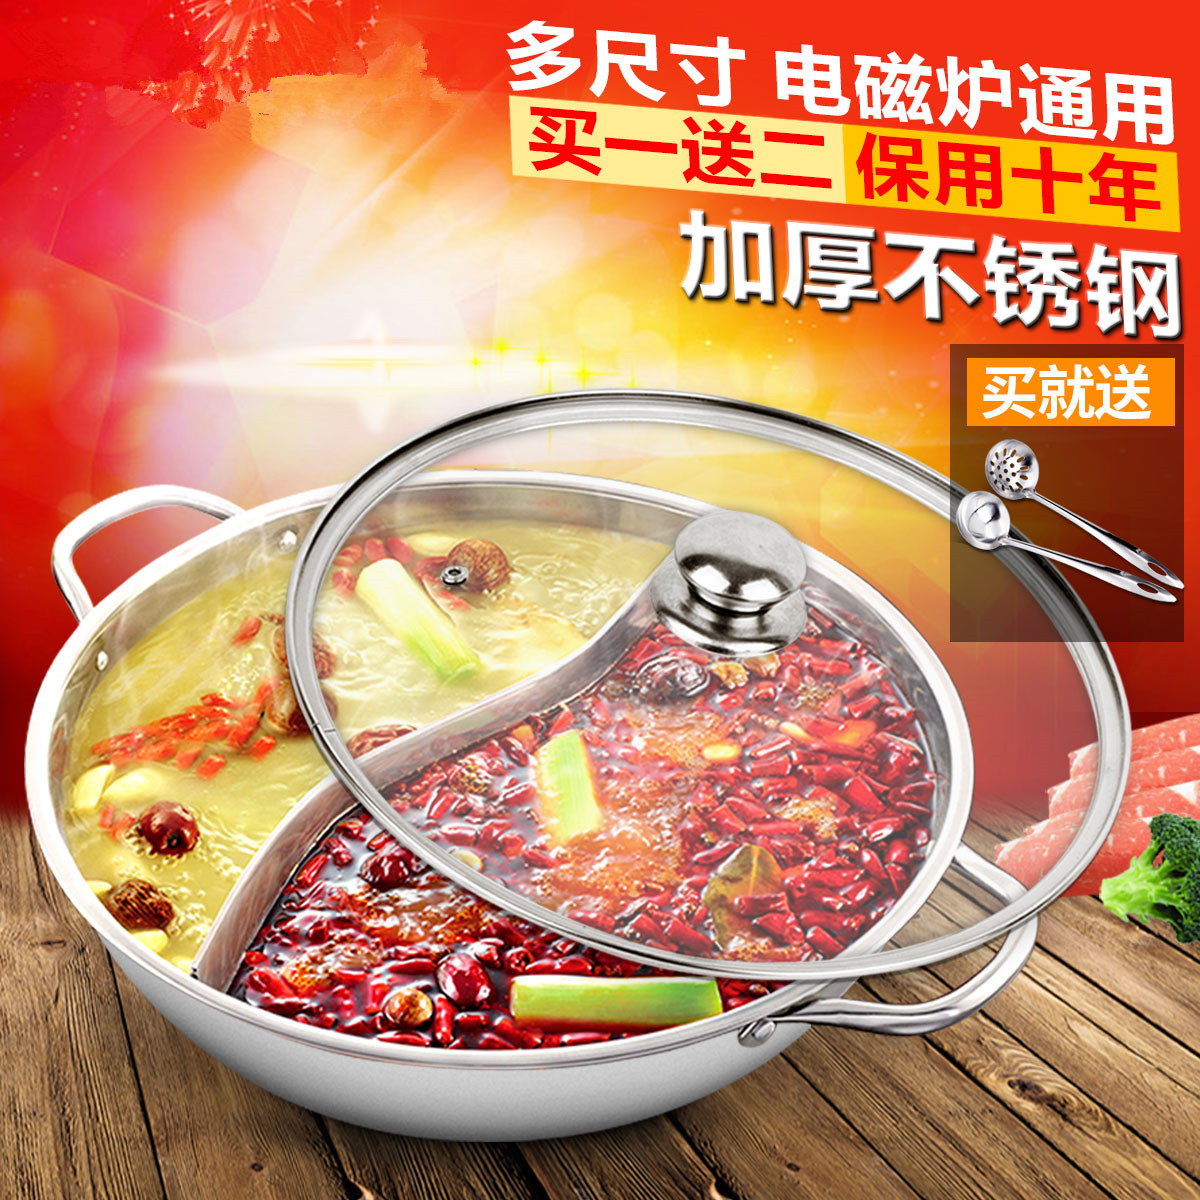 хого магазин электромагнитная печь портативный новый циркуляр, мандаринка горшок горшок горшок с лапшой Мандаринка хого мандаринка